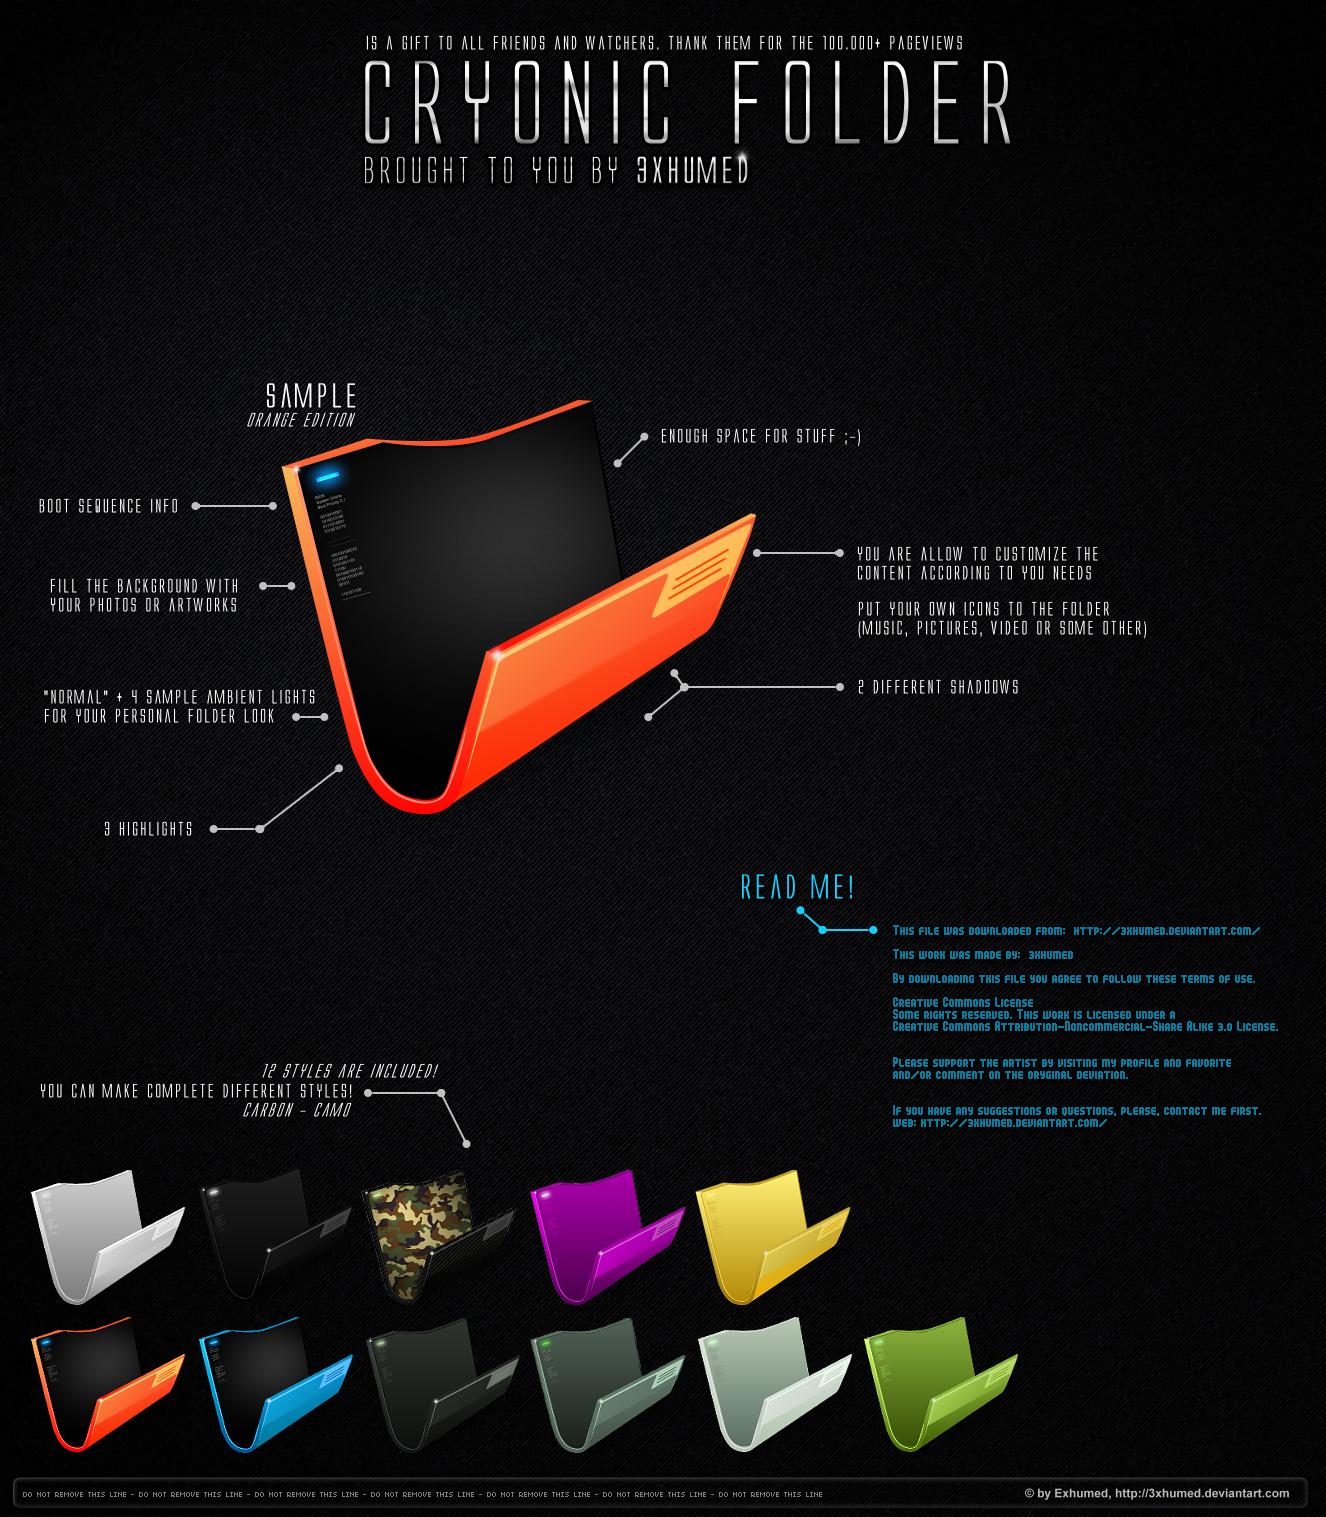 Cryonic Folder